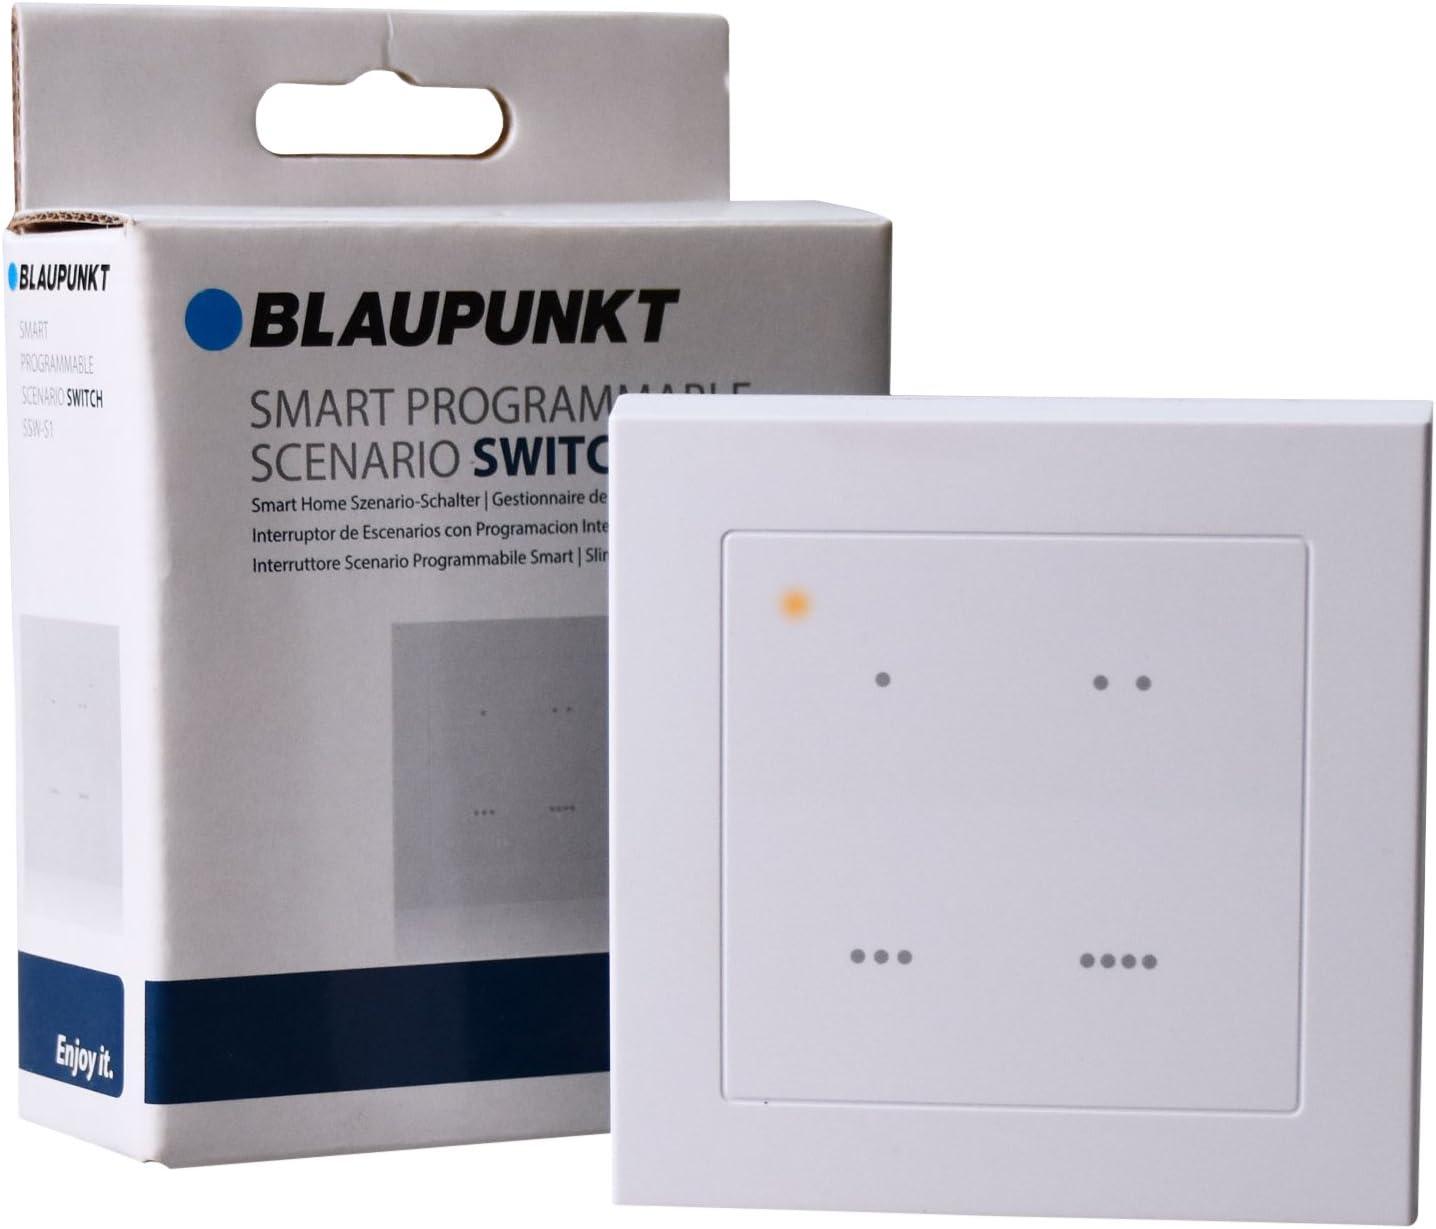 Blaupunkt Smart Home Zwischenstecker PSM-S1 I Zubeh/ör f/ür die Q-Serie von Blaupunkt I Hausautomation I Fernsteuerung von Elektroger/äten per App I Steckdosensteuerung I 1 St/ück I Wei/ß